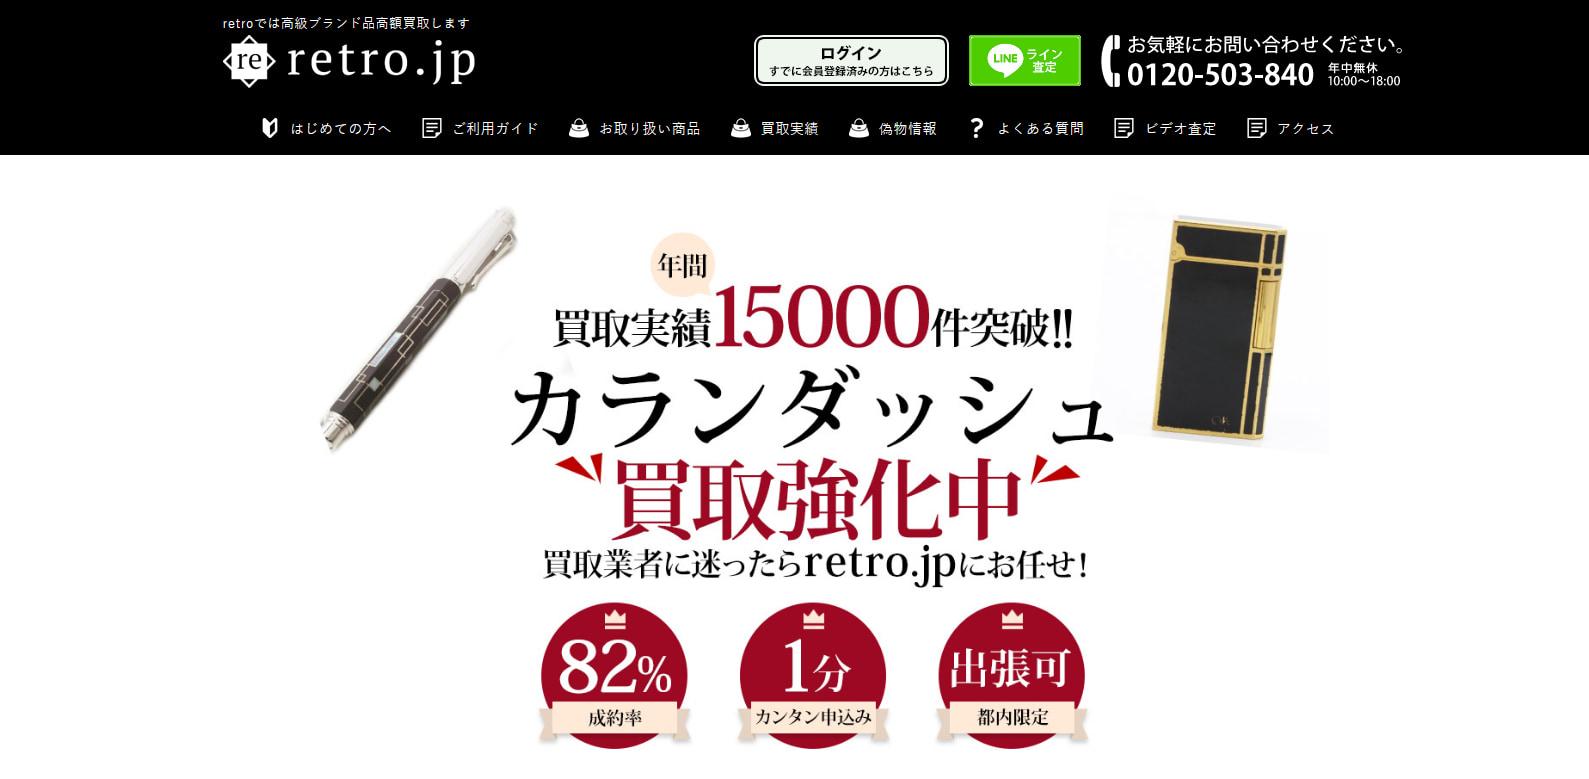 カランダッシュ買取おすすめ店retro.jp